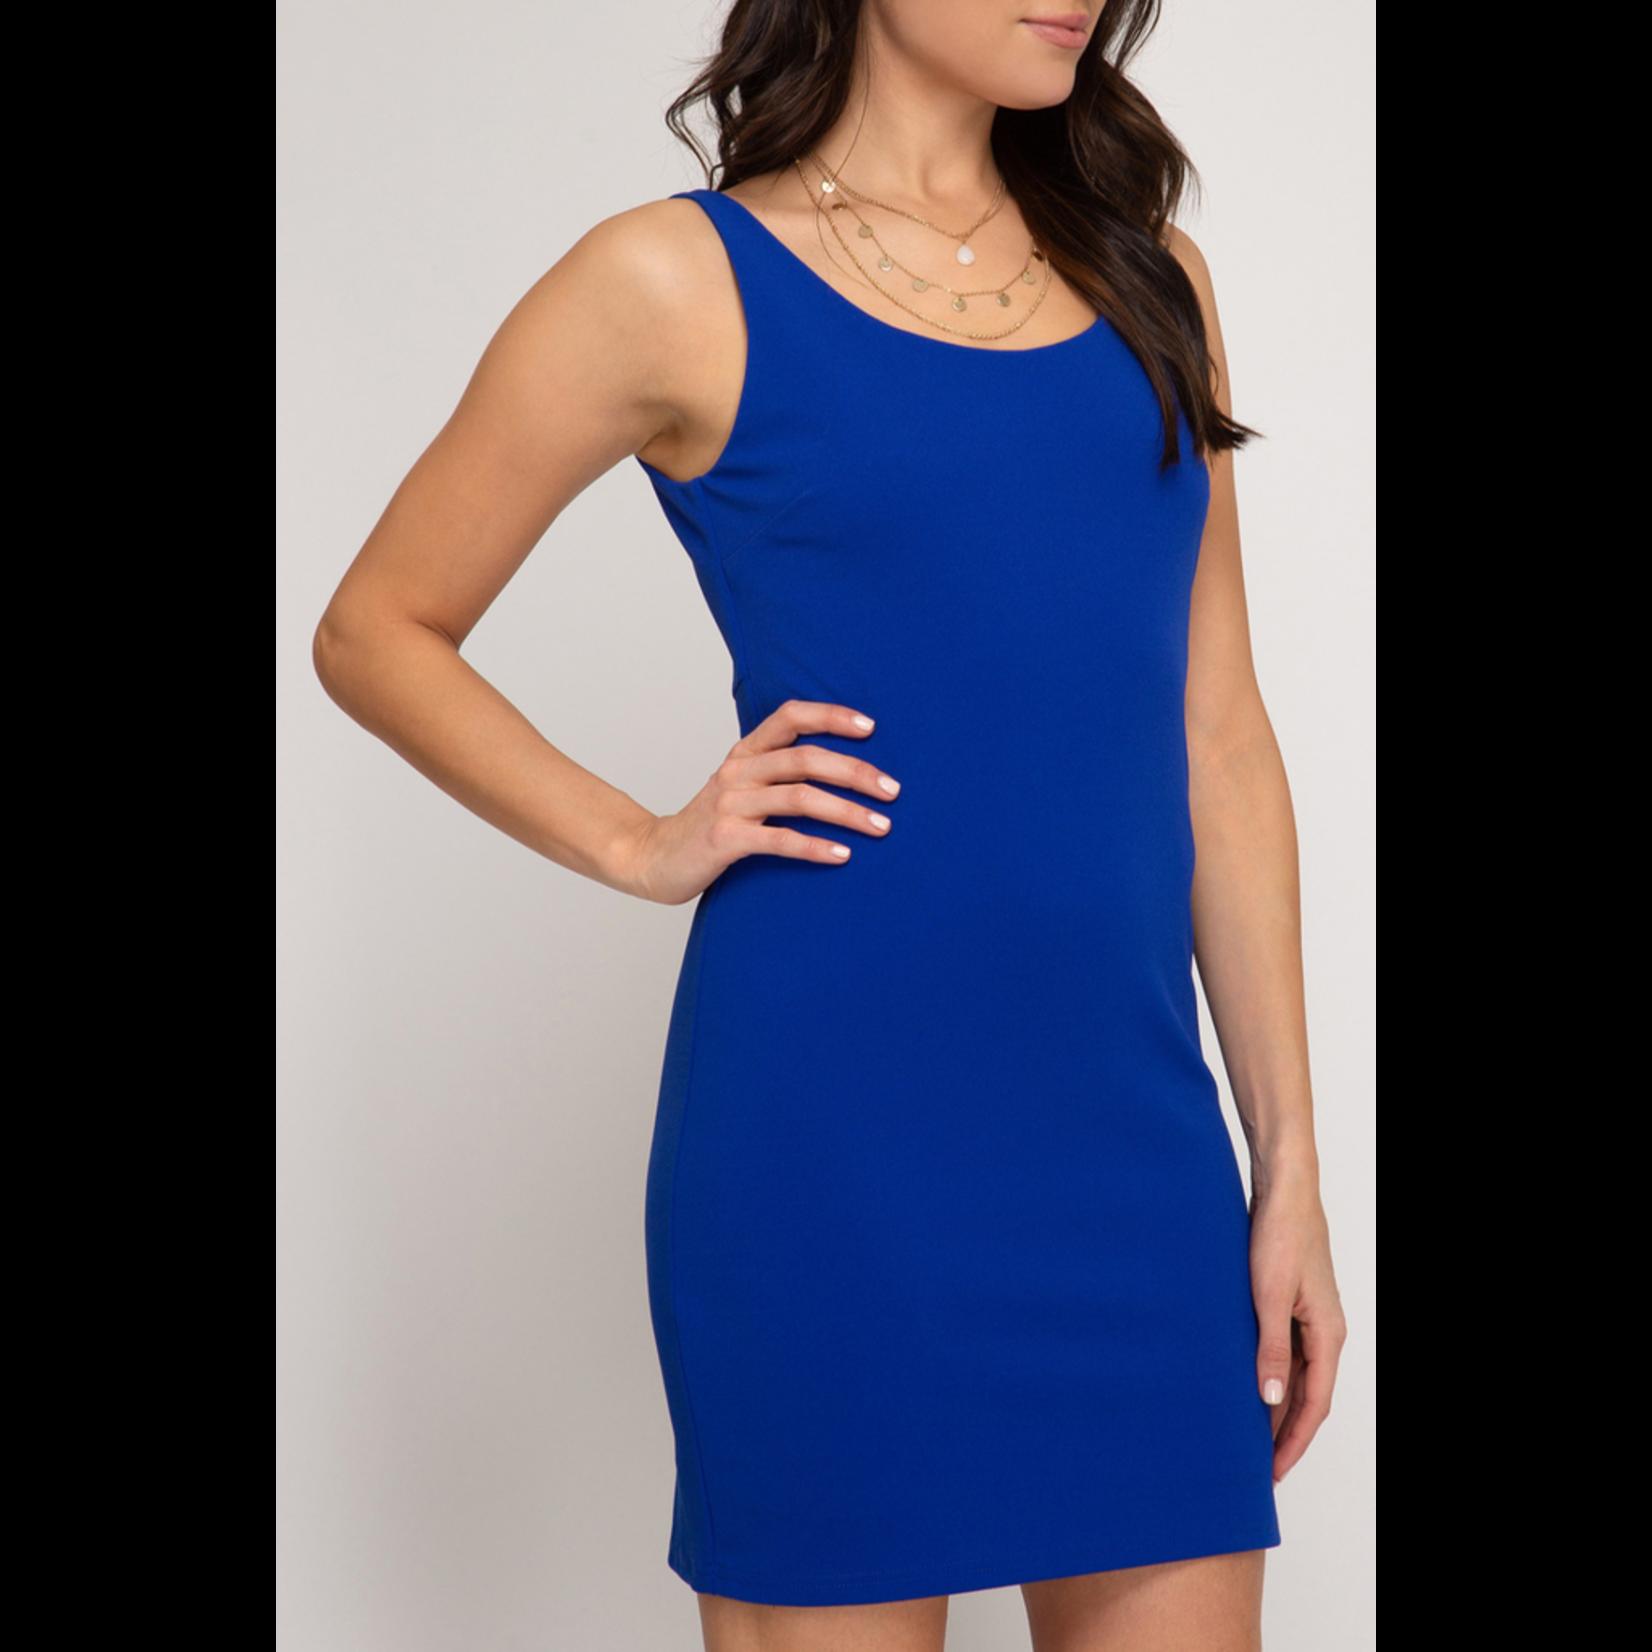 She & Sky Back Cutout Dress